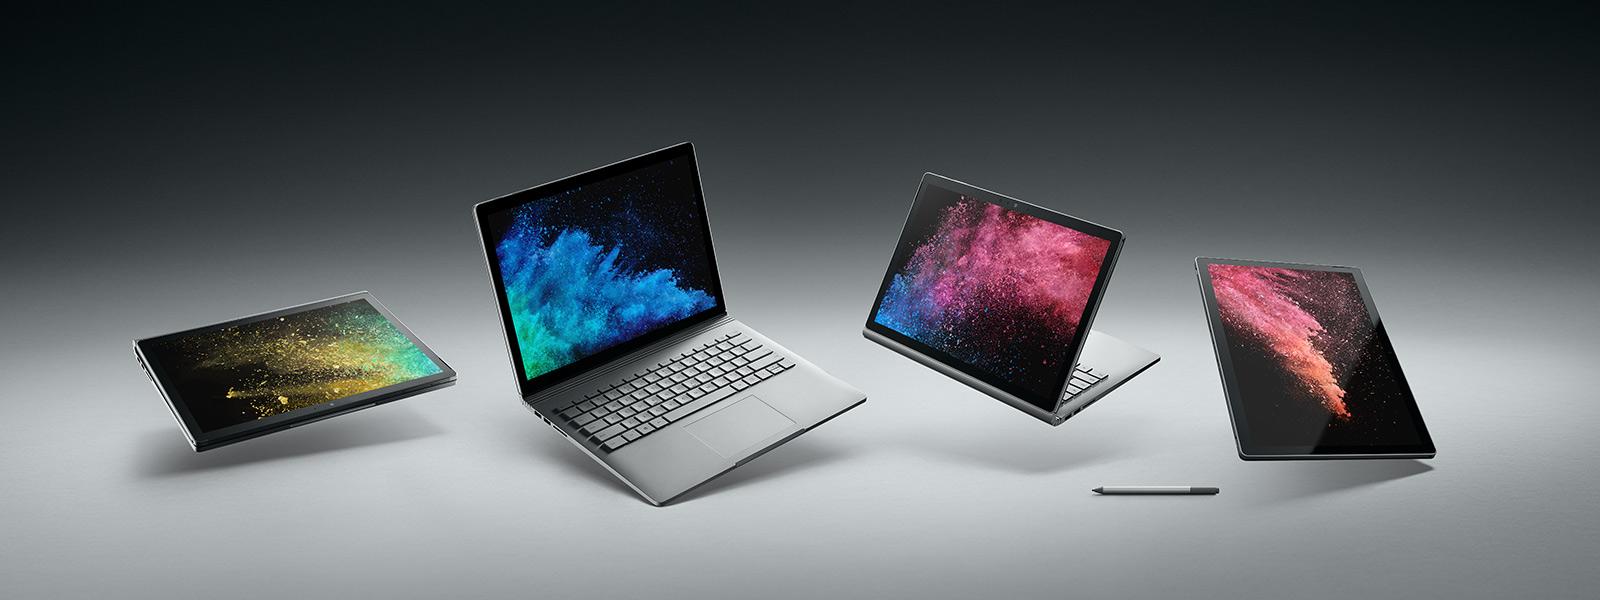 4台の Surface Book 2 が別々の場所に配置されている様子